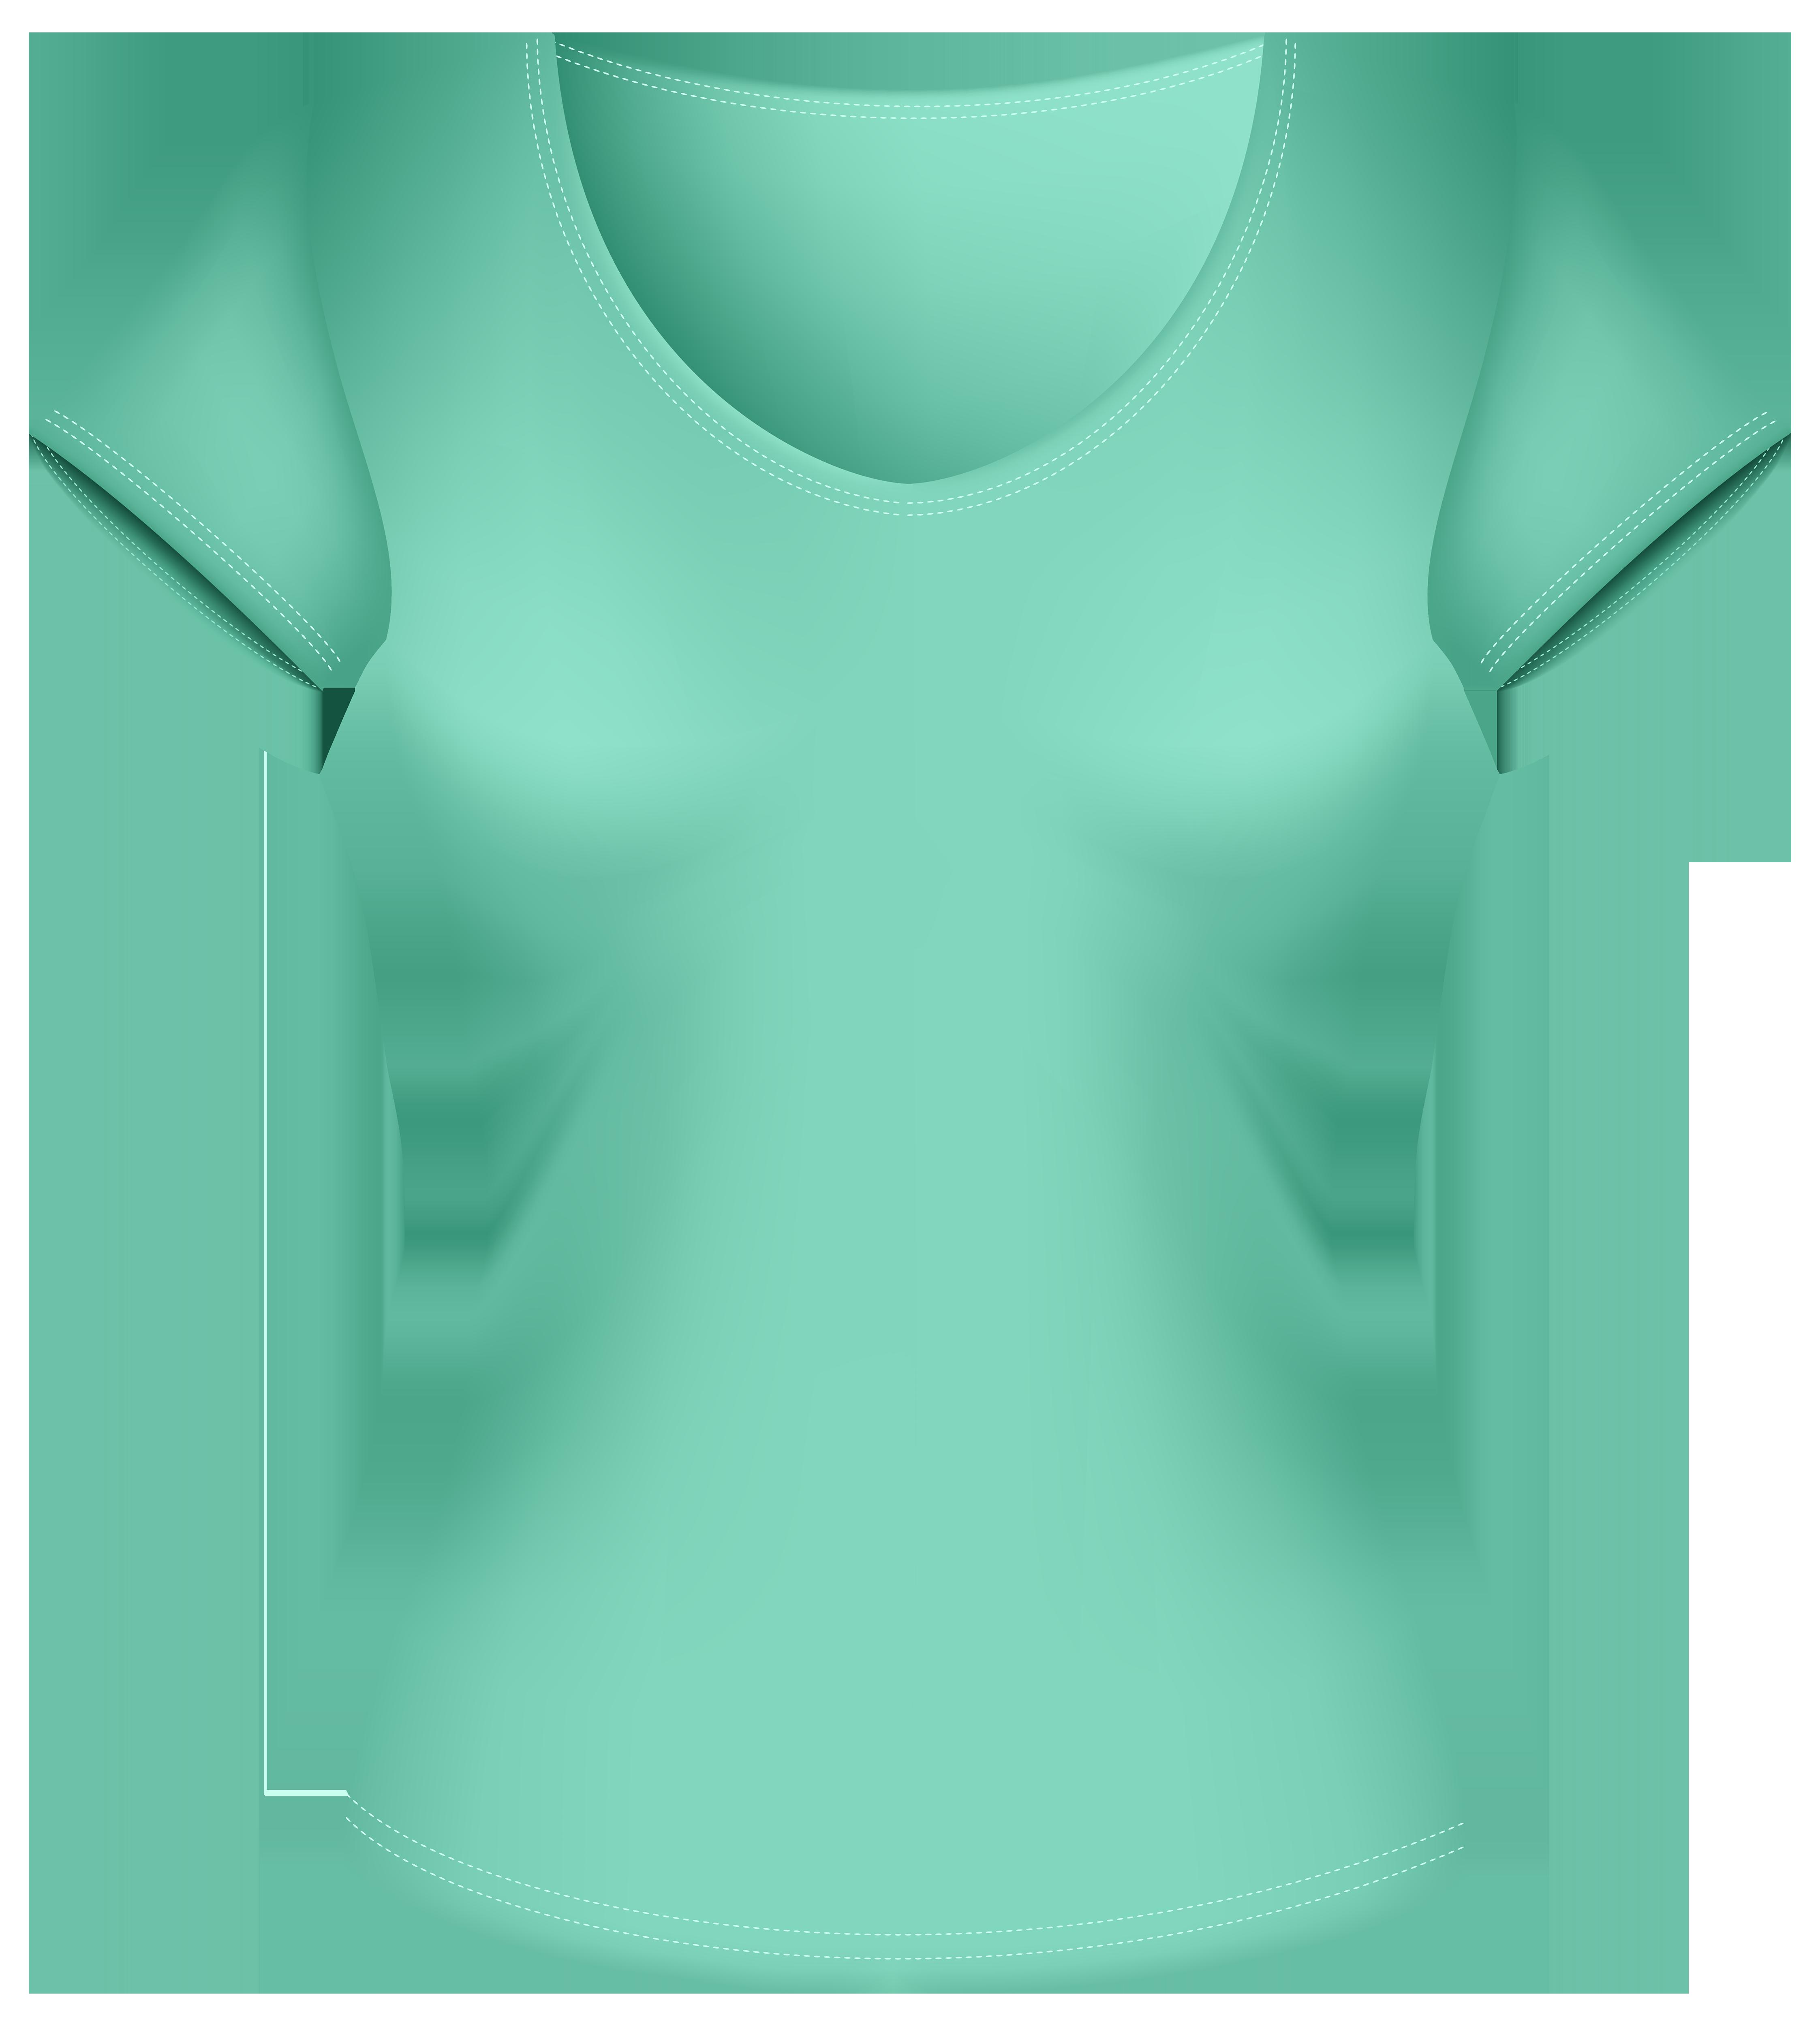 Female png best web. Clipart shirt green shirt